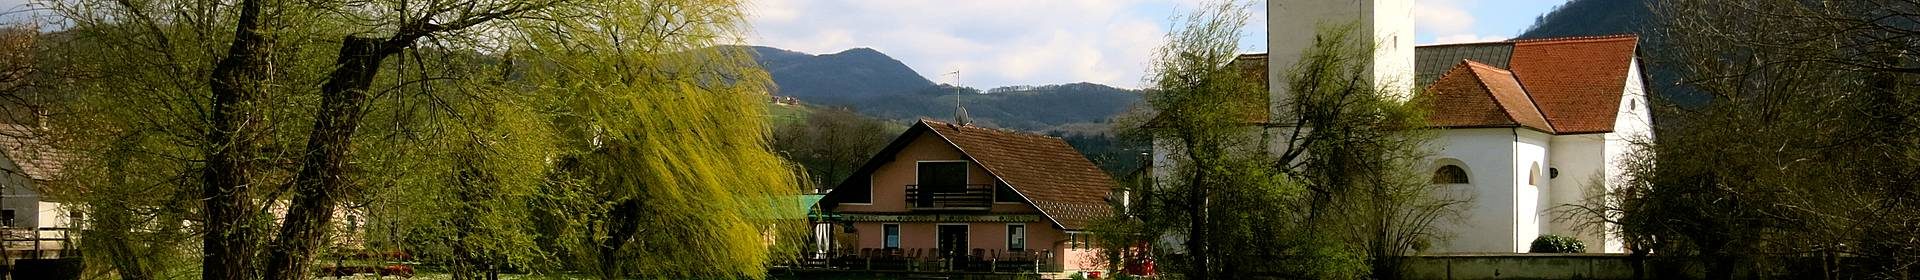 Kostanjevica na Krki